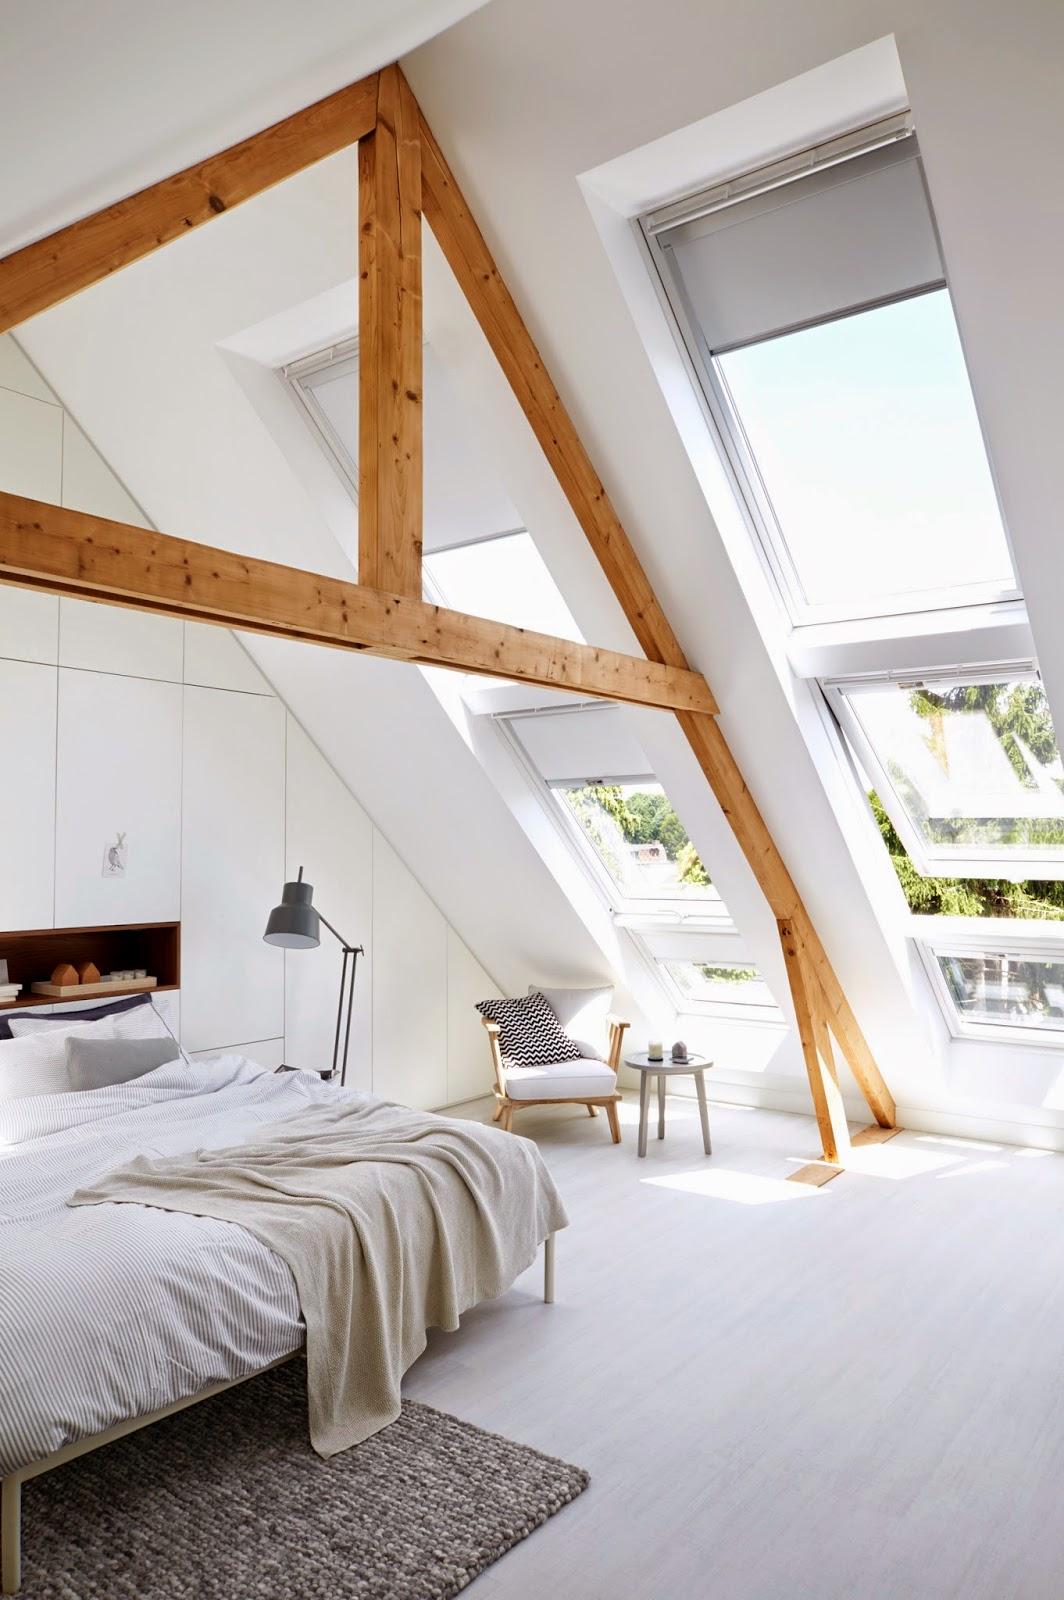 Binnenkant : Welke slaapkamer zou jij kiezen?